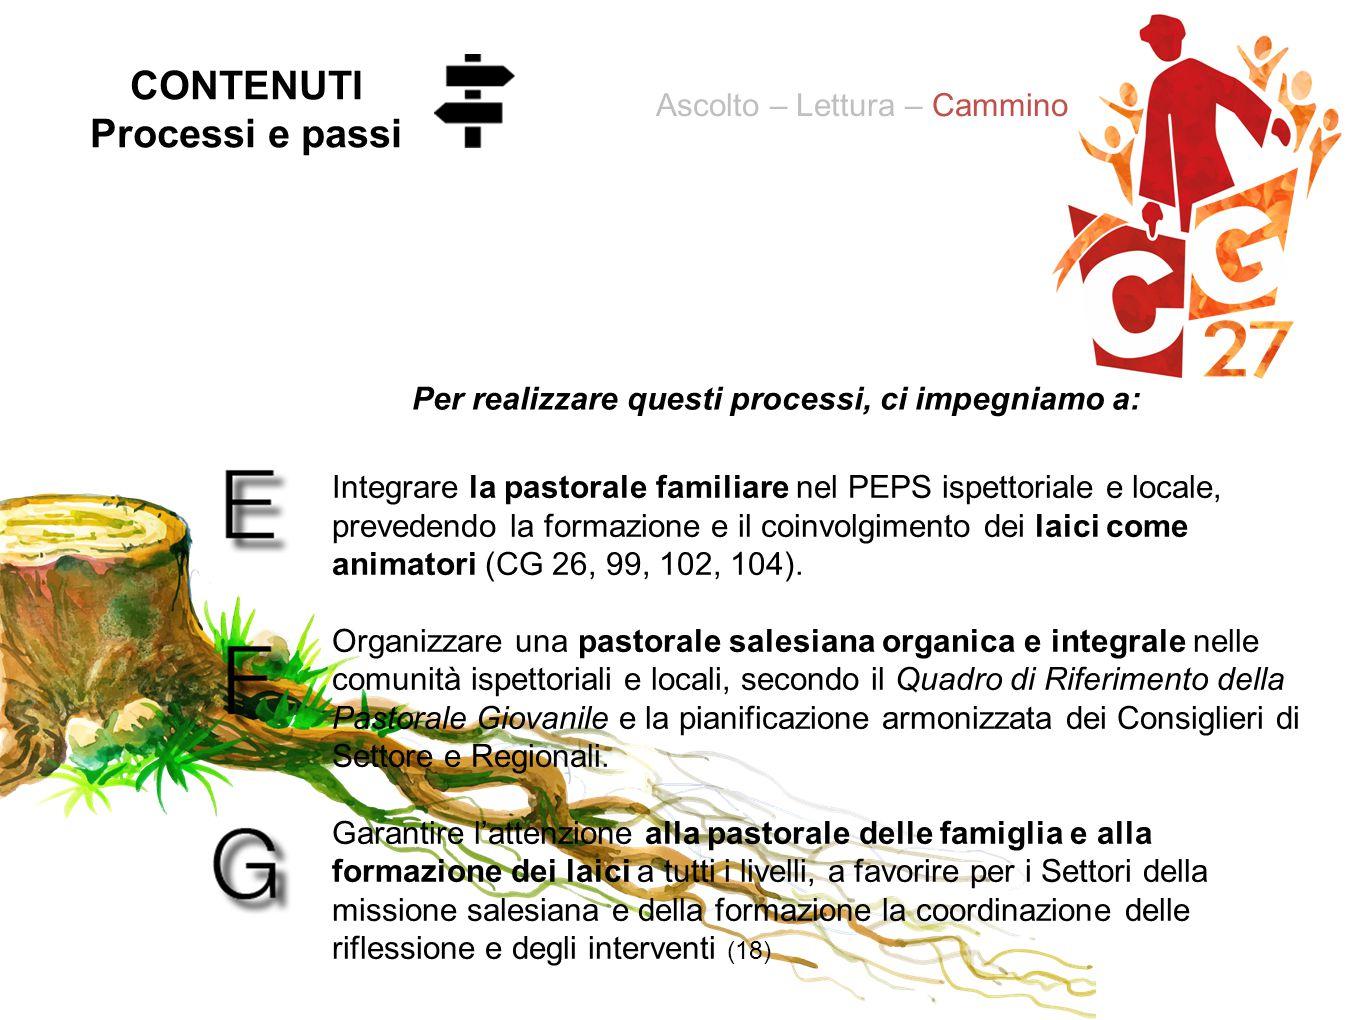 Integrare la pastorale familiare nel PEPS ispettoriale e locale, prevedendo la formazione e il coinvolgimento dei laici come animatori (CG 26, 99, 102